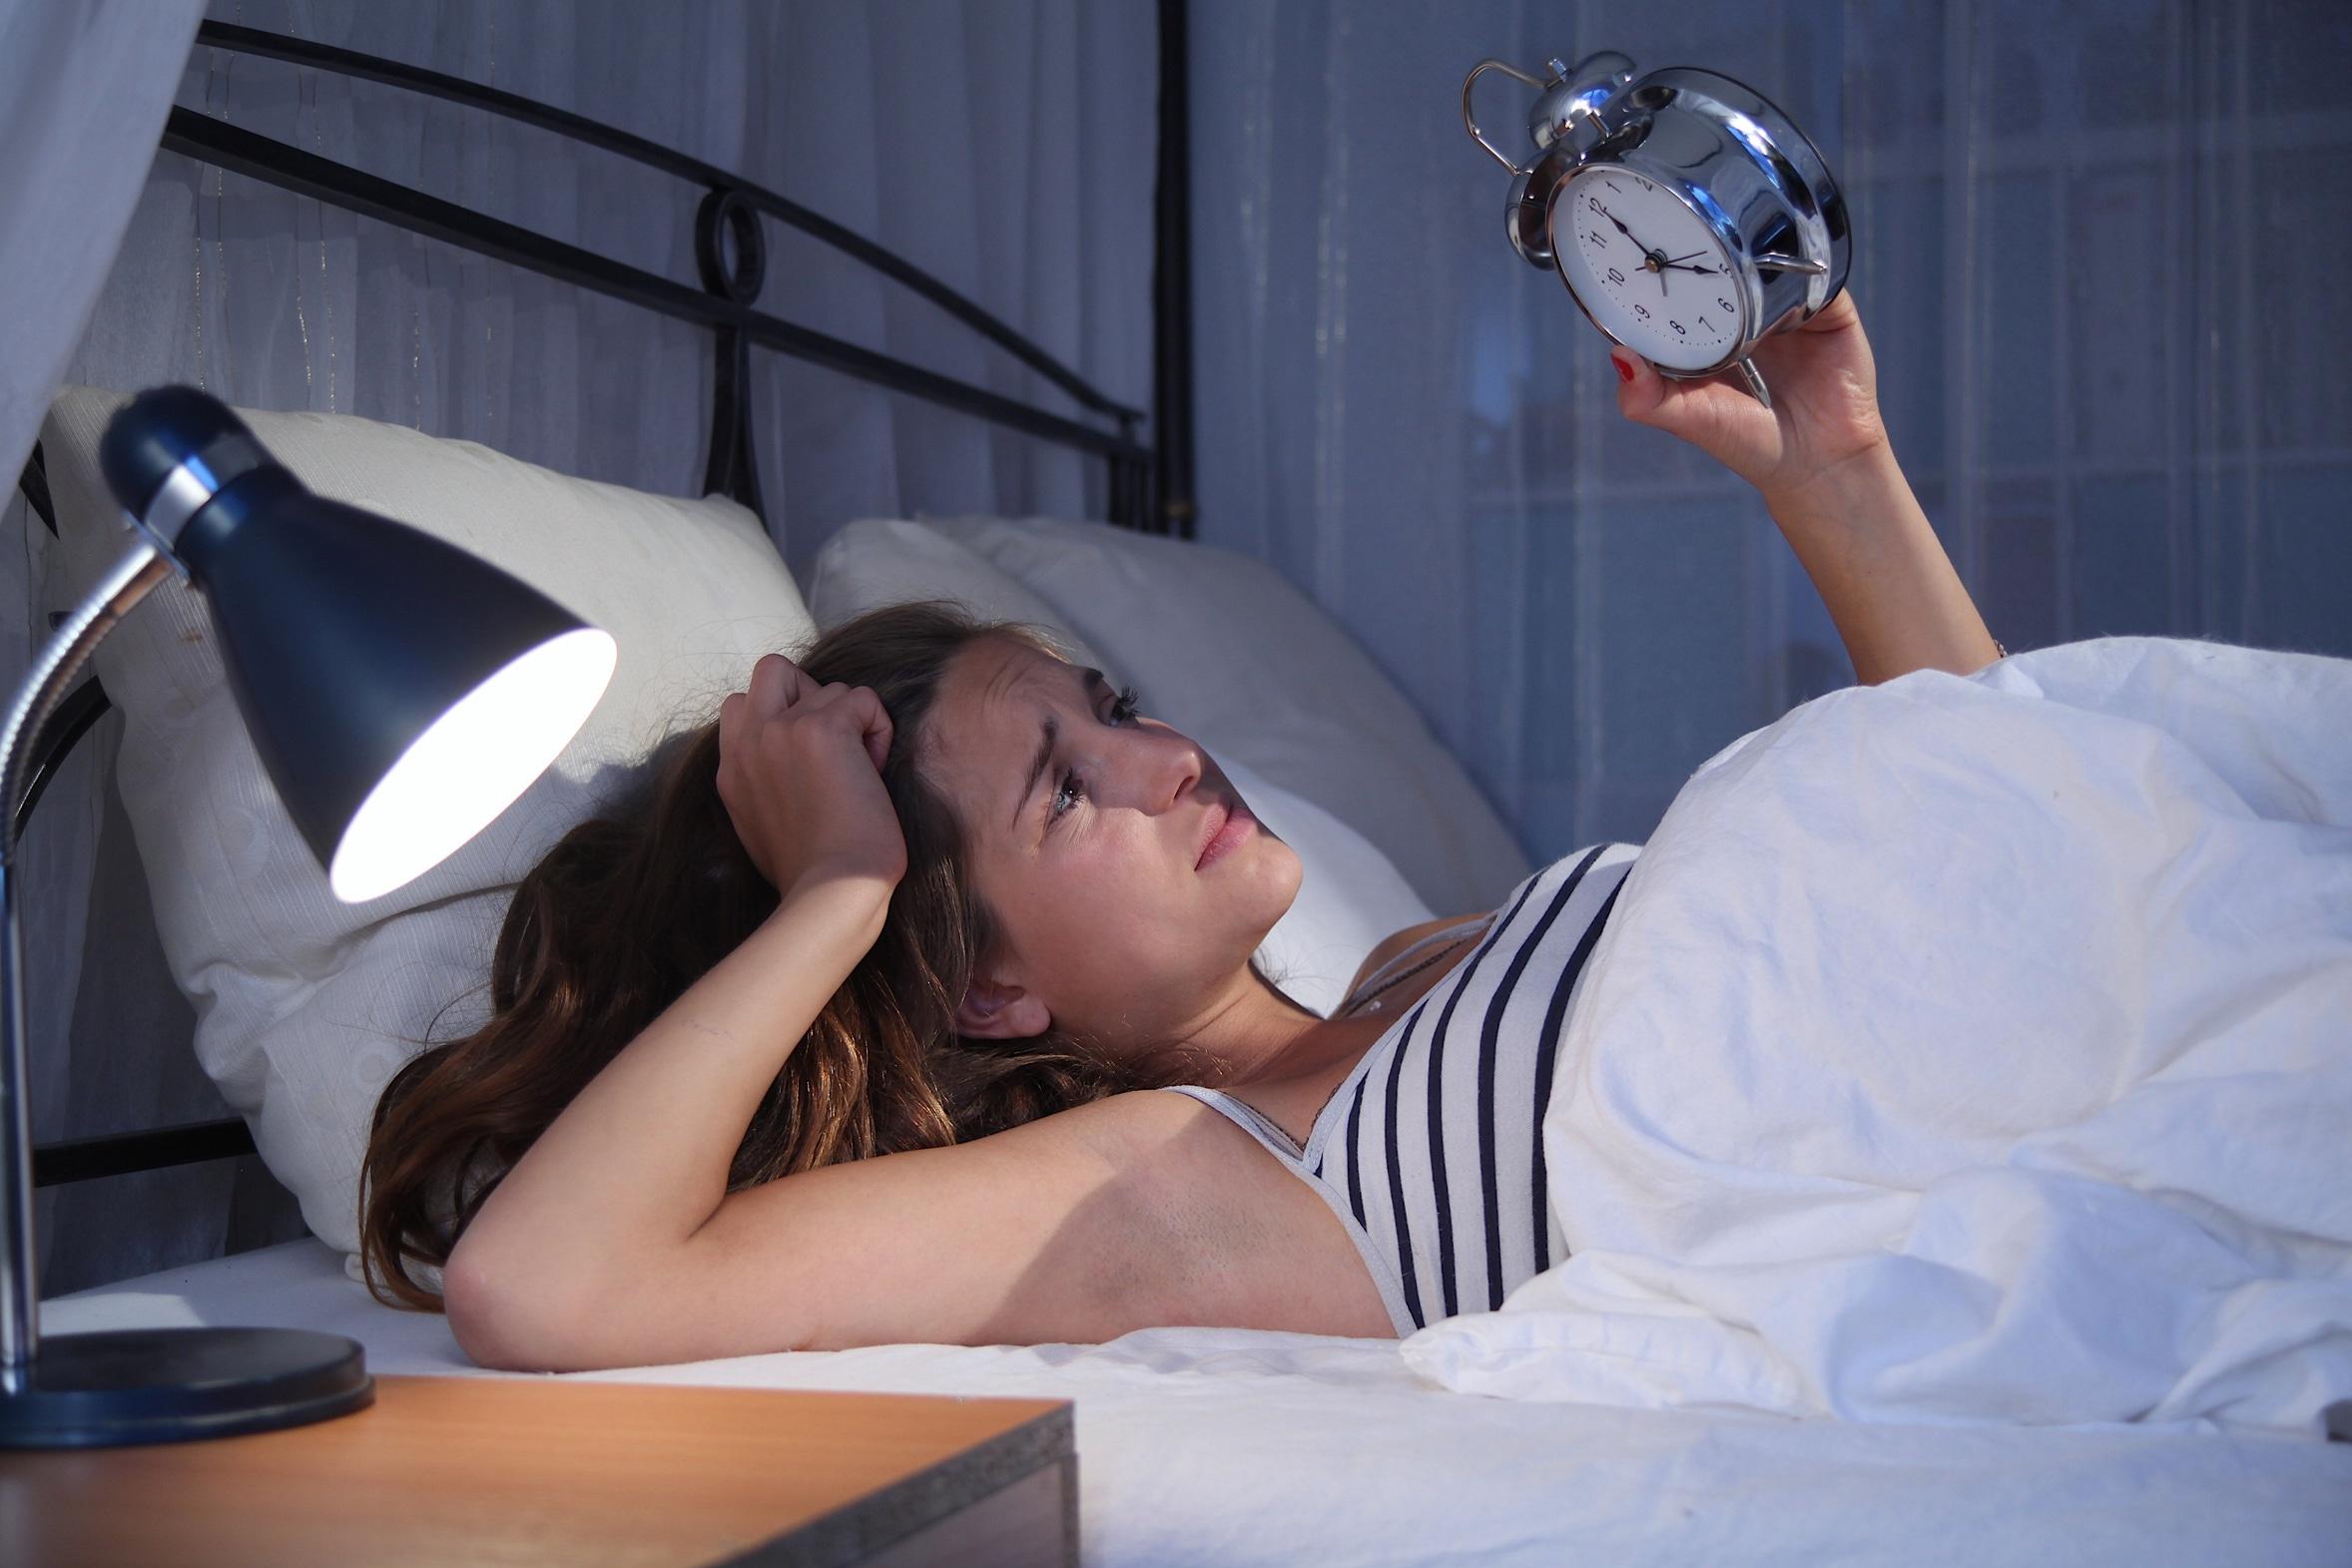 Por Qué Sufro Insomnio Causas Y Tipos Cinfasalud